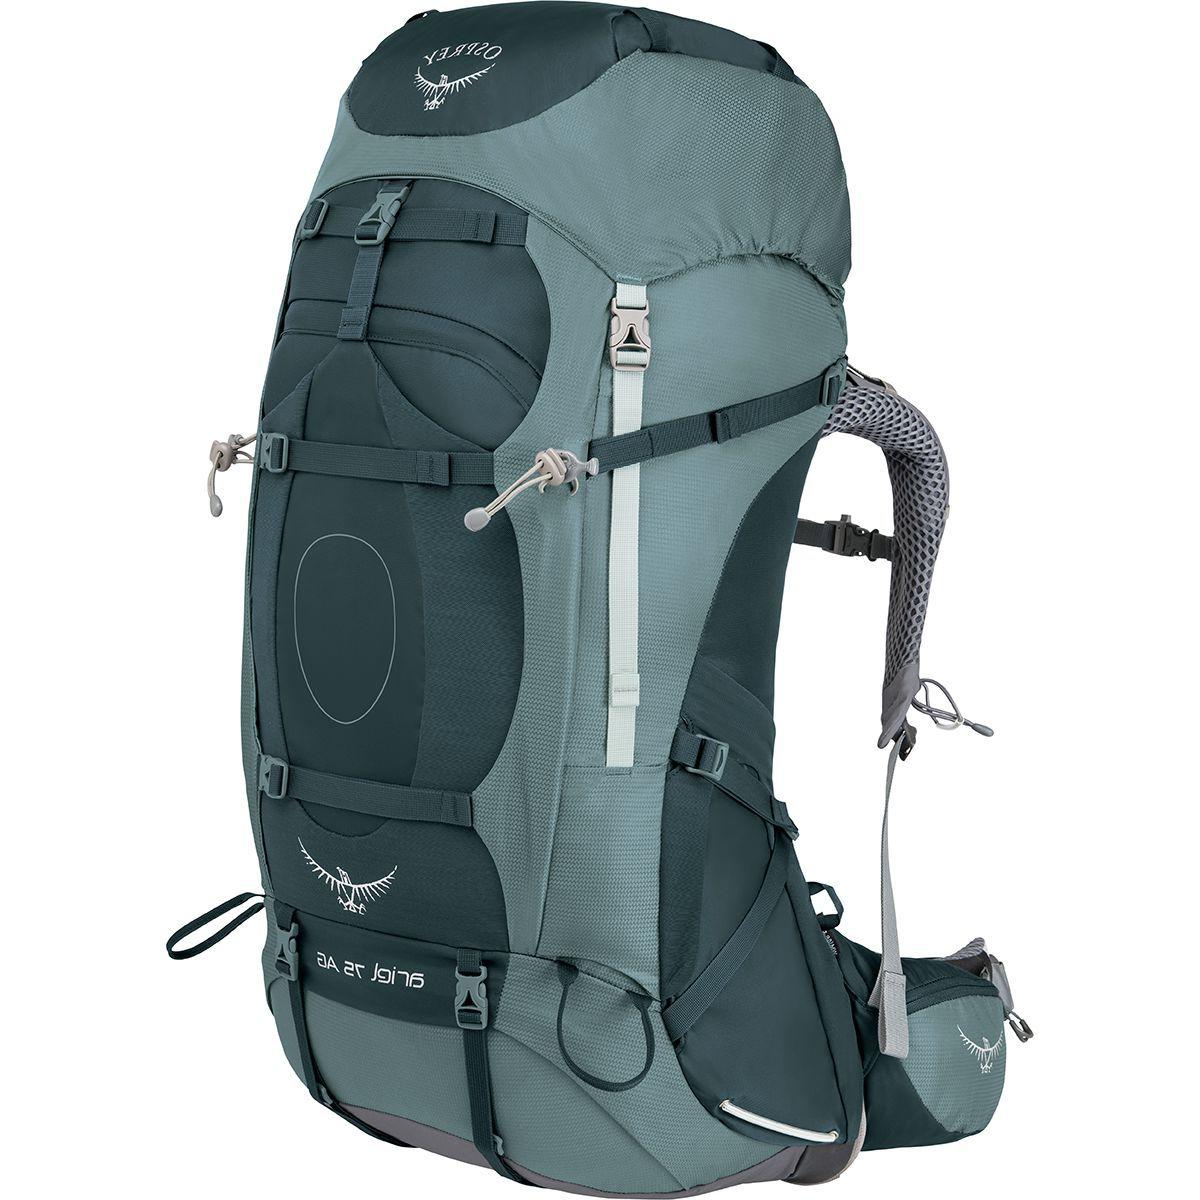 Osprey Packs Ariel AG 75L Backpack - Women's